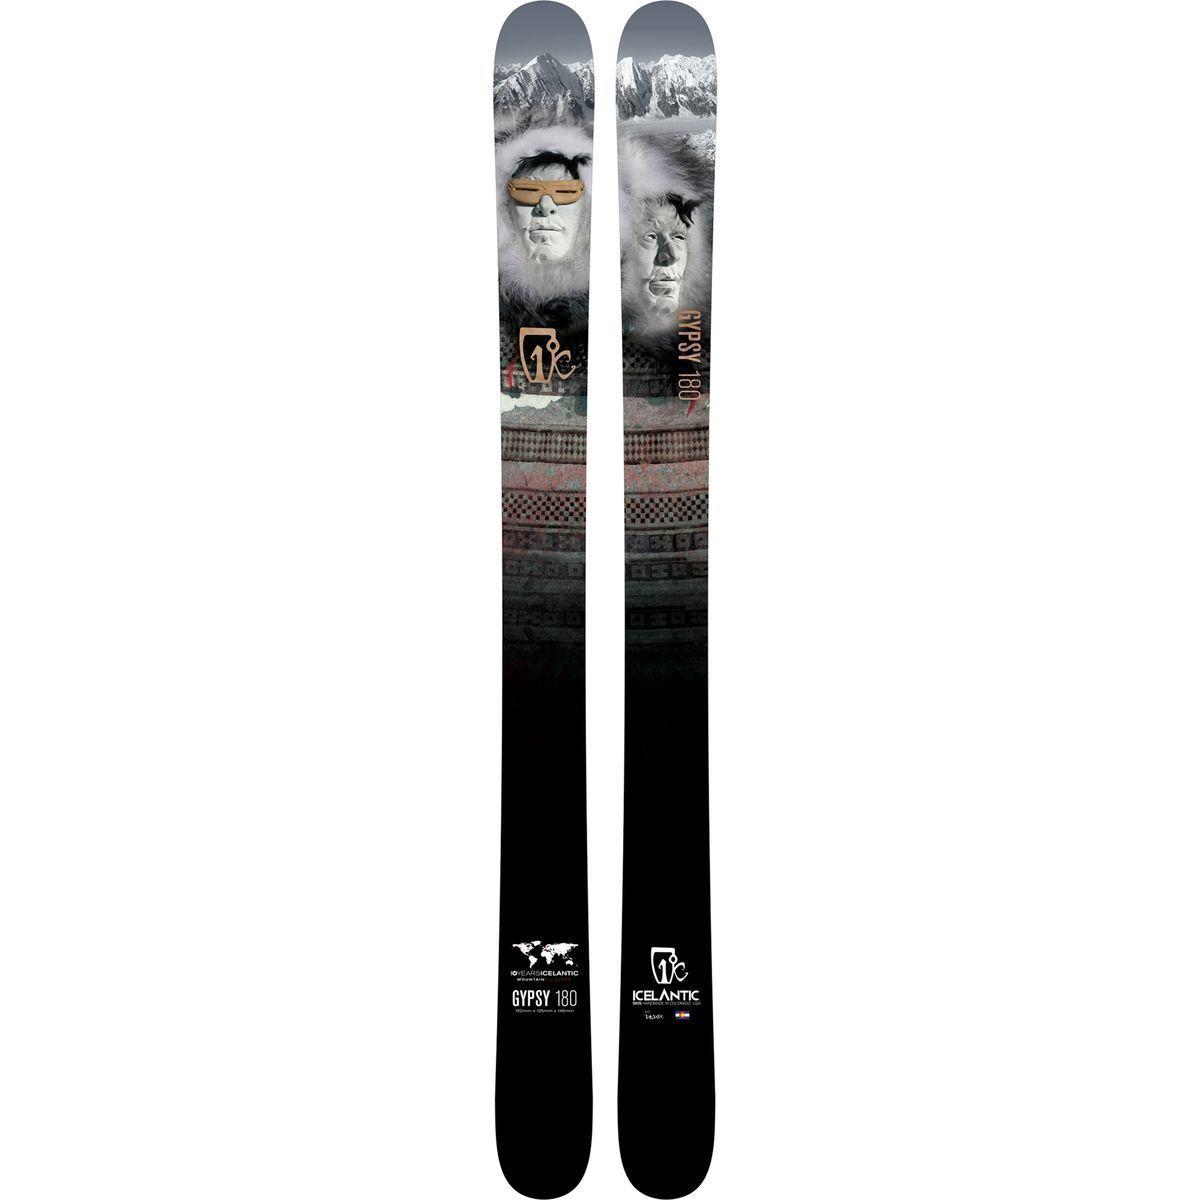 Icelantic Gypsy Ski